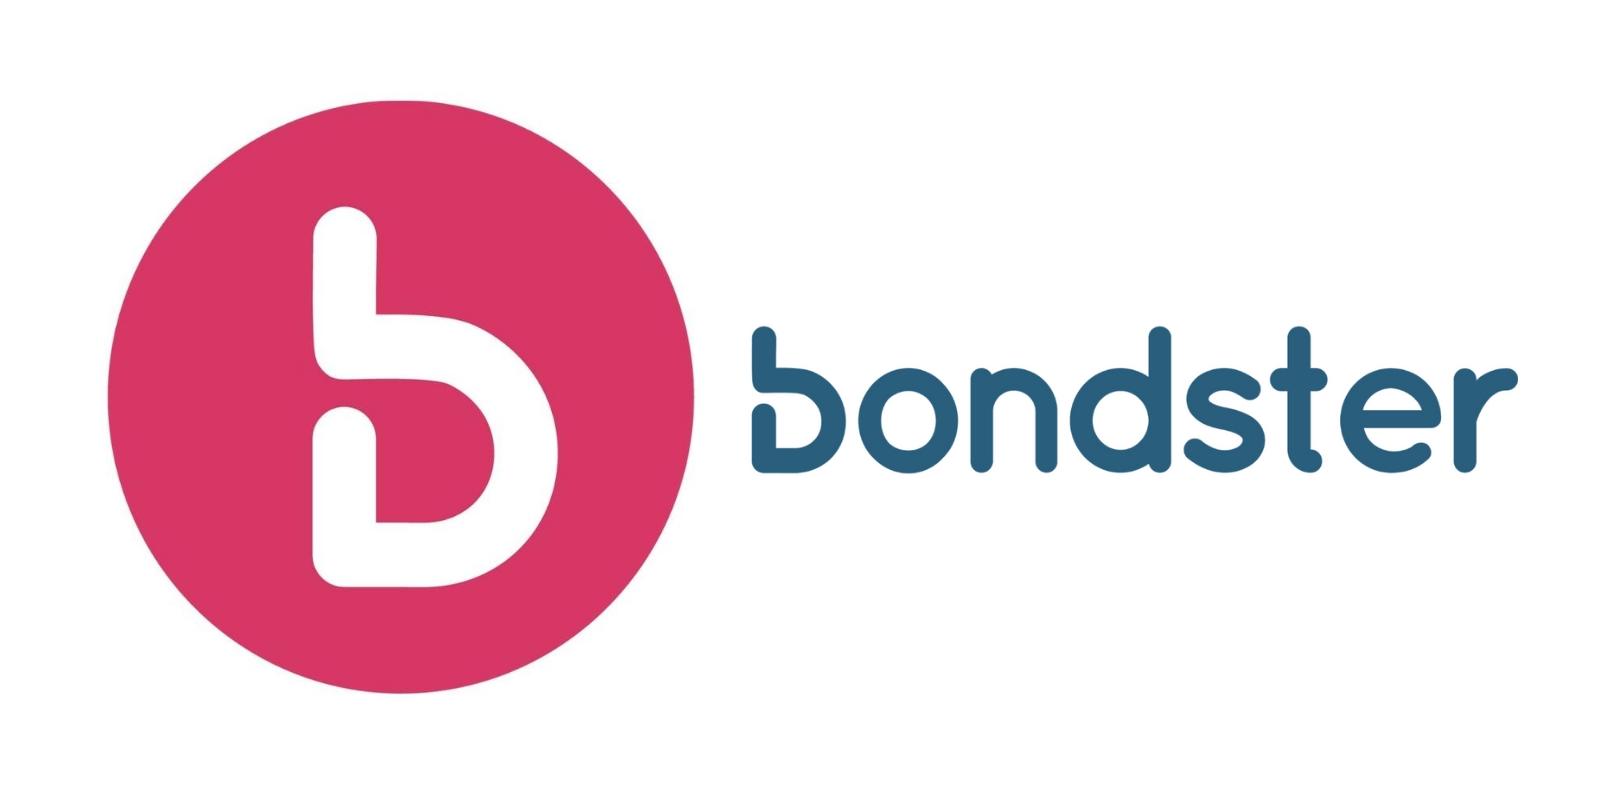 Aplikace Bondster: lze získat pasivní příjem? [sponzorovaný článek]